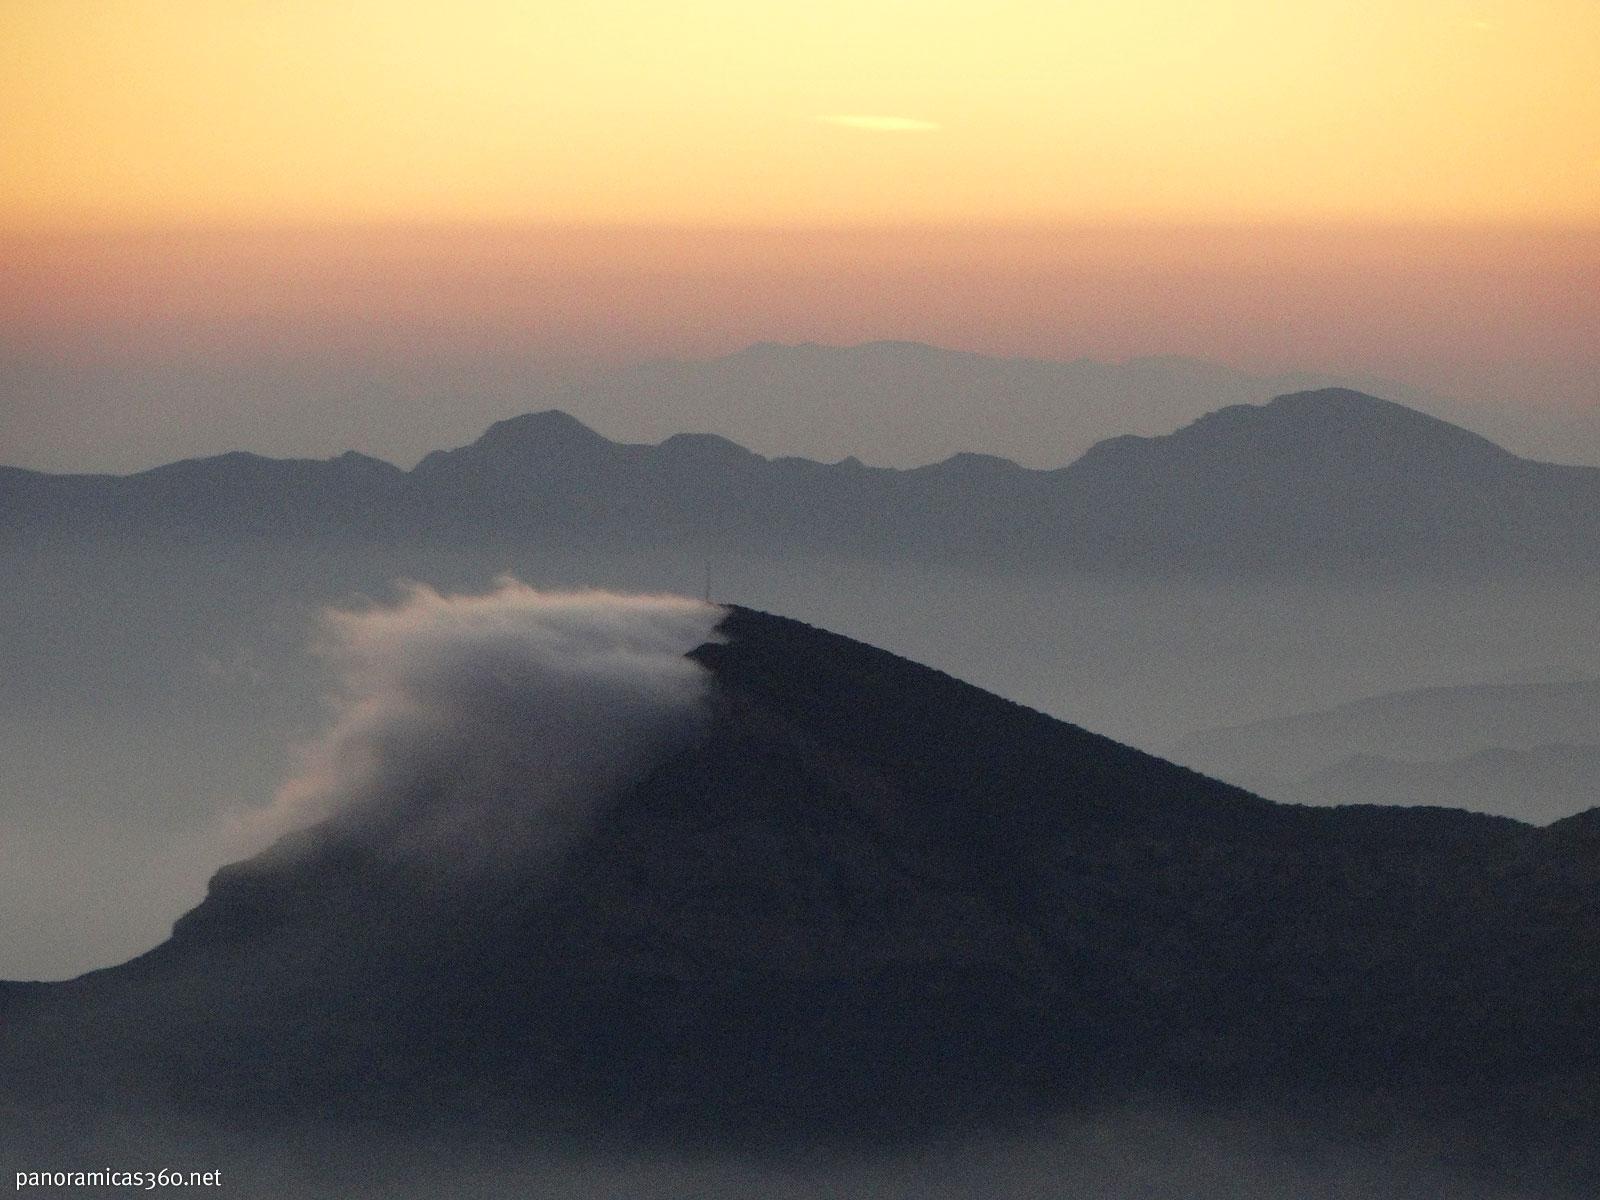 Nube apoyada en la montaña